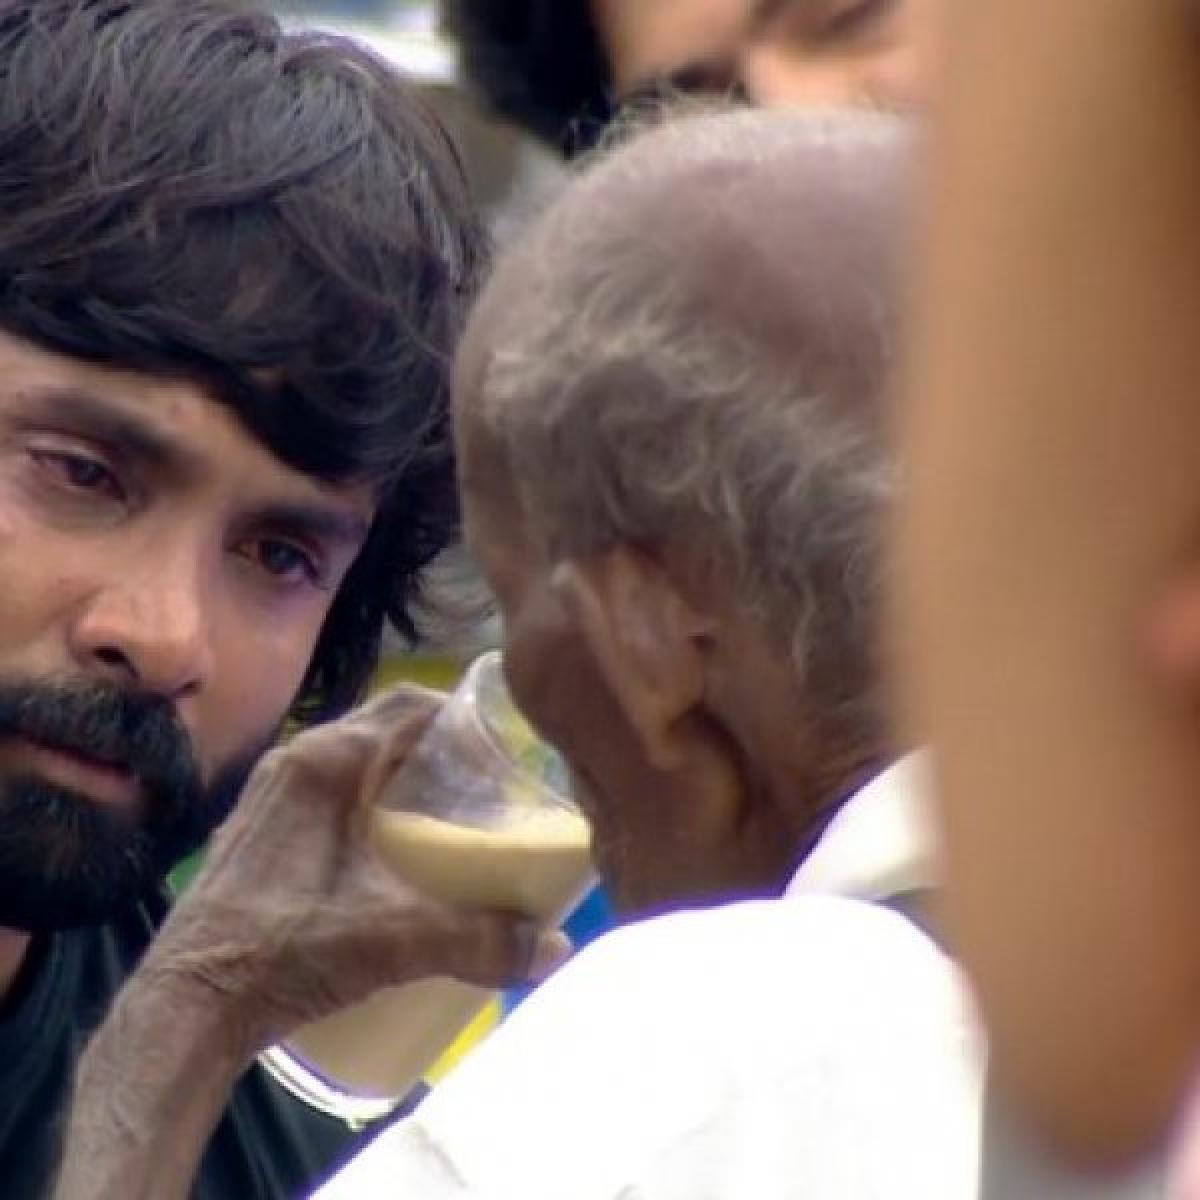 சினேகனின் பாசப் போராட்டமும் கணேஷின் காதல் பசலை நோயும்! 74-ம் நாள் பிக்பாஸ் வீட்டில் நடந்தது என்ன? #BiggBossTamilUpdate